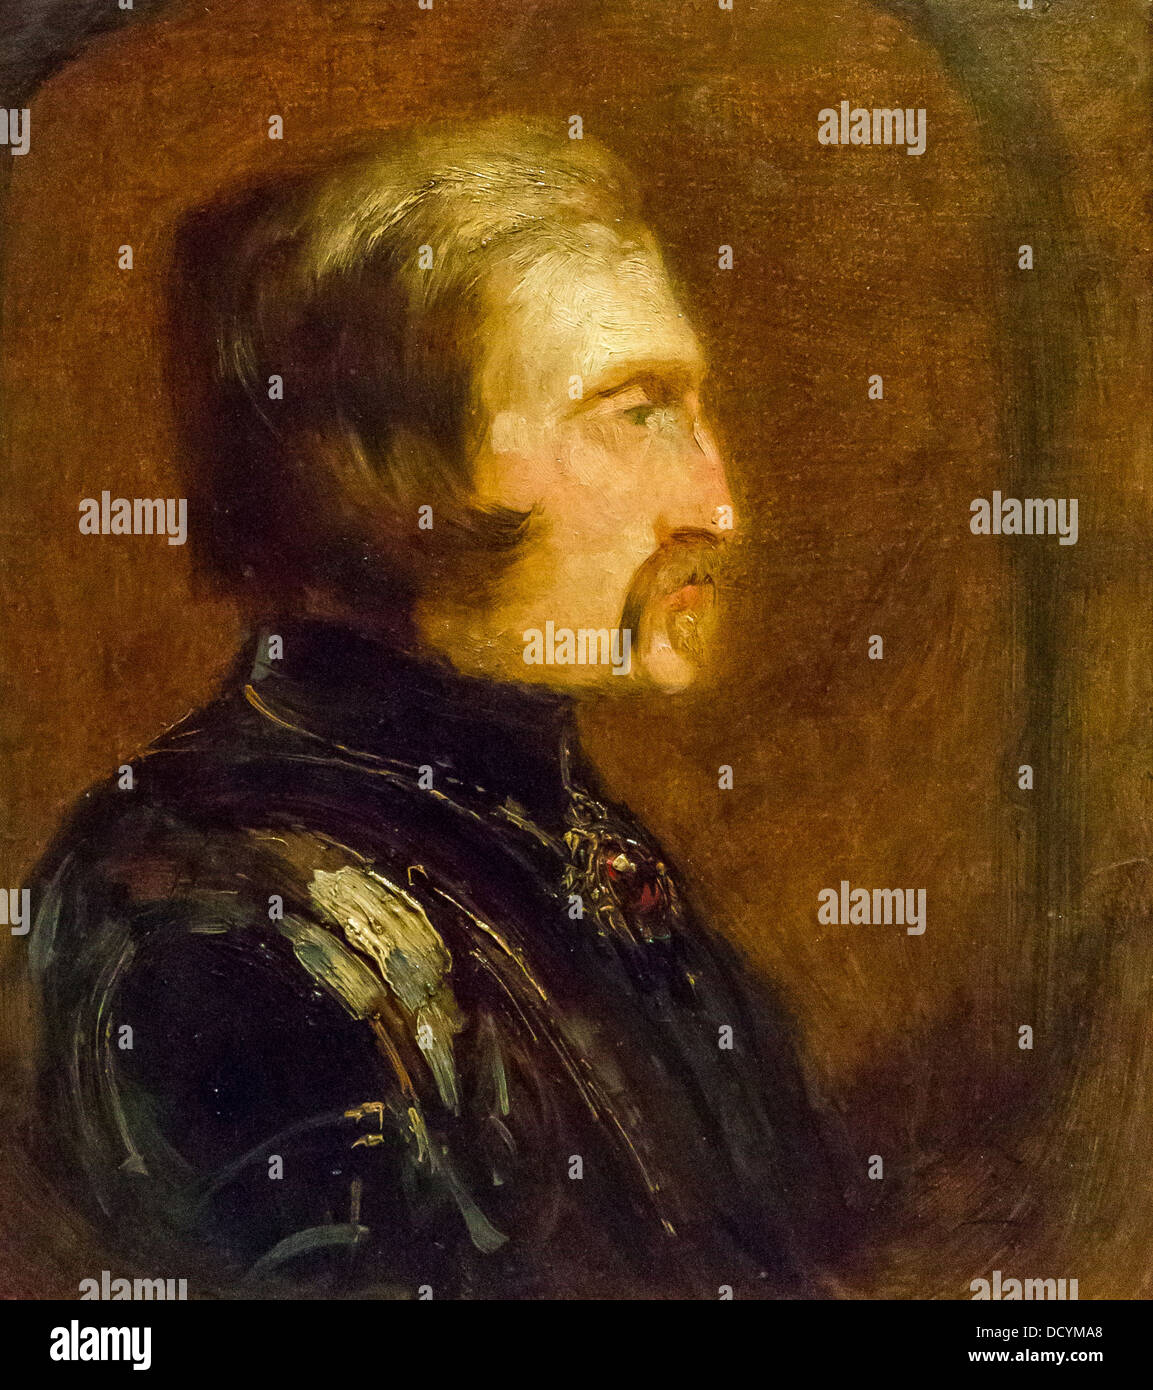 Self-portrait in armor - Félix Ziem - Petit Palais / Musée des Beaux-Arts de la Ville de Paris oil on - Stock Image